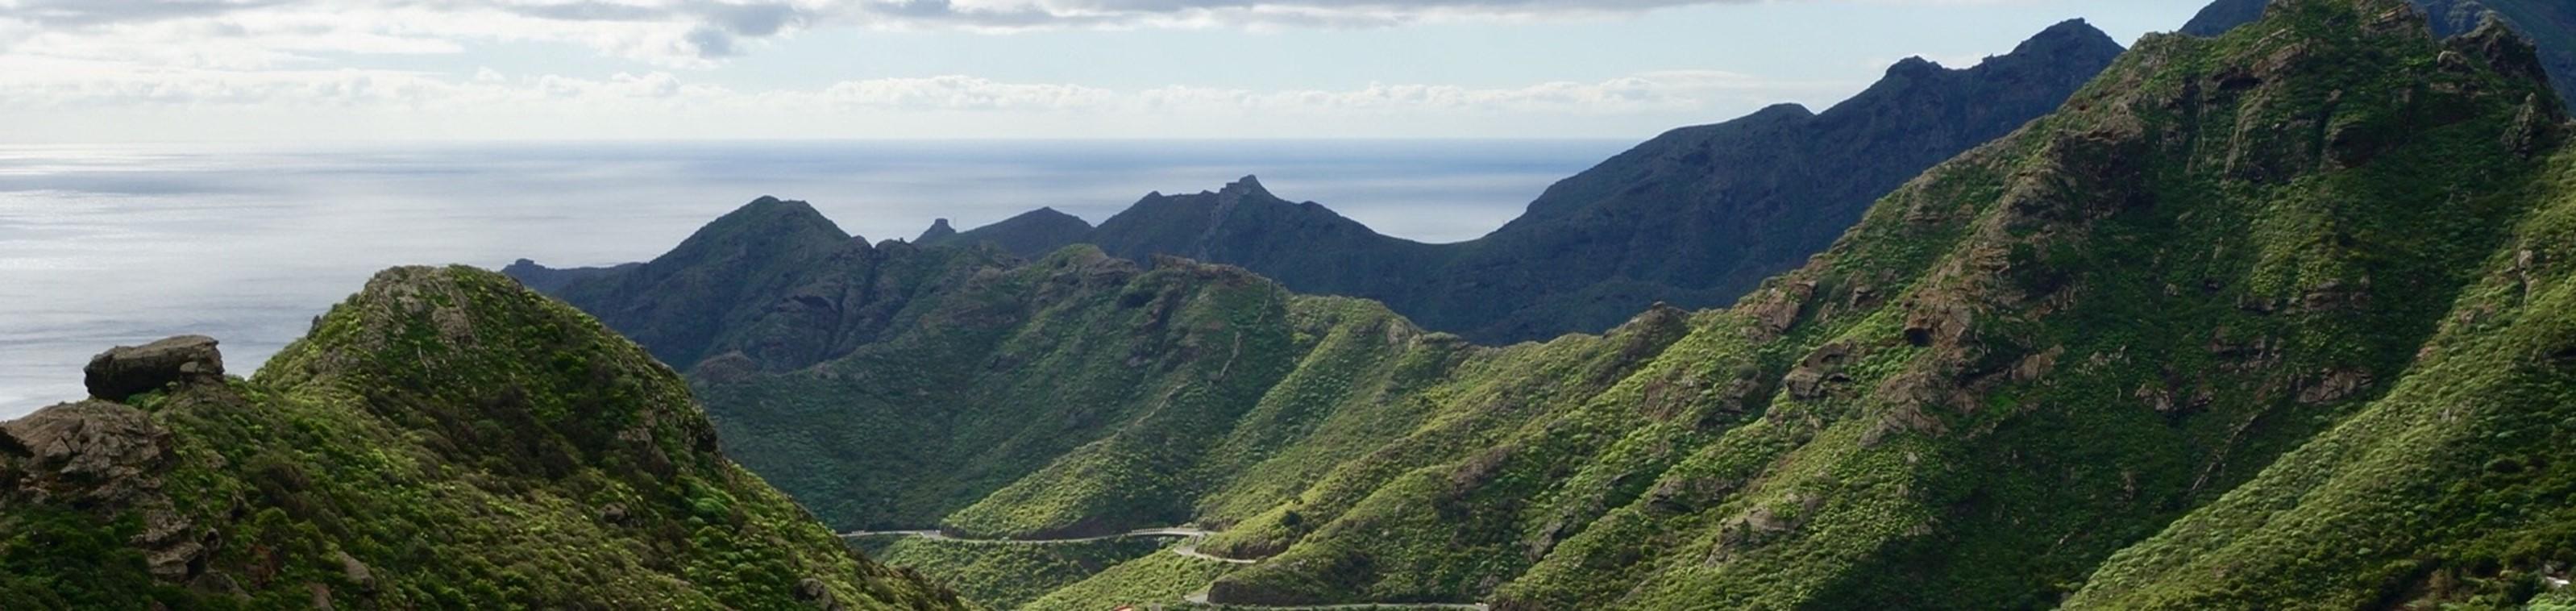 Noord-Tenerife: een oase van groen